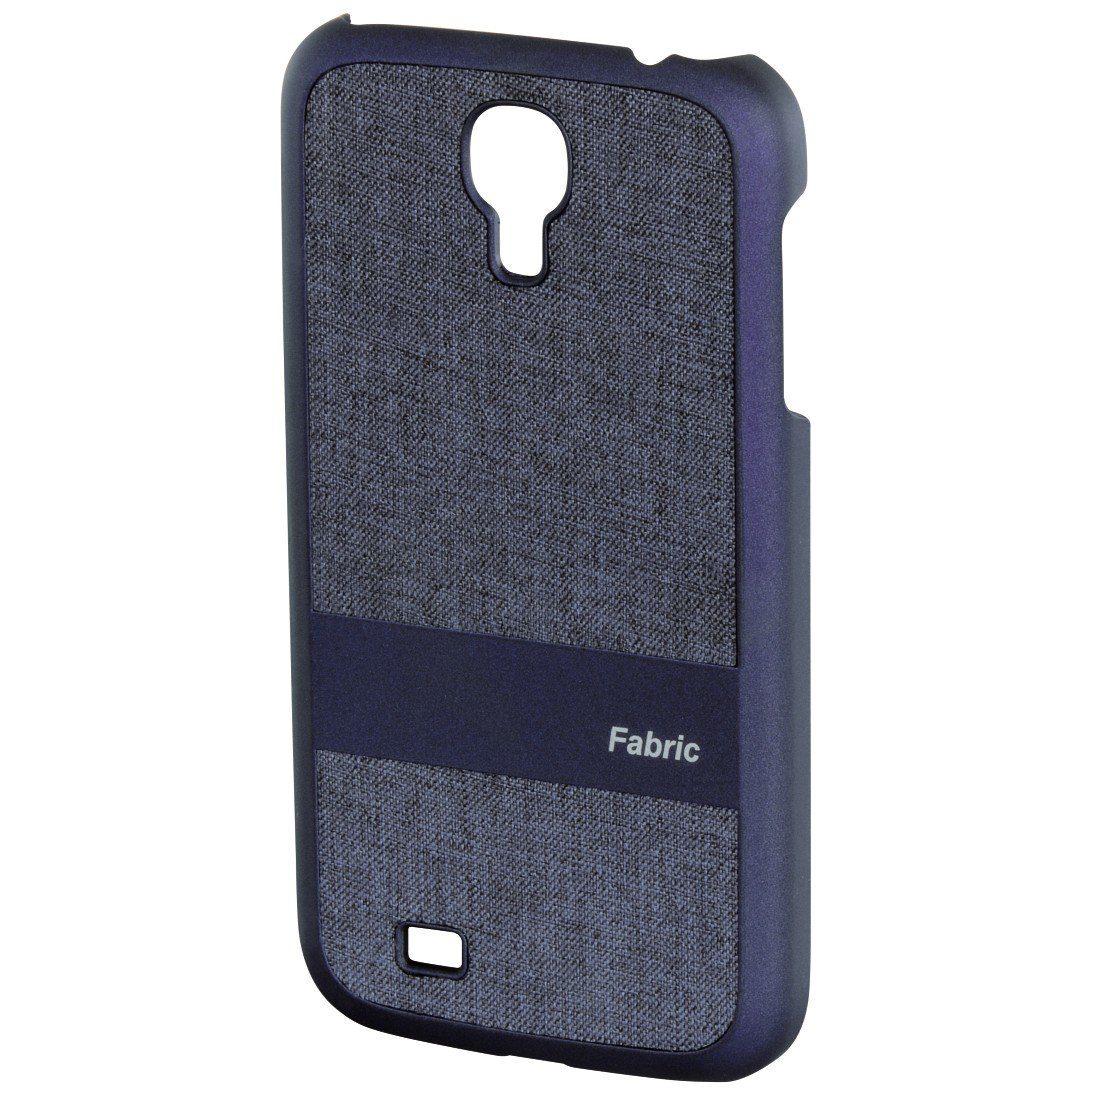 Hama Handy-Cover Fabric für Samsung Galaxy S 4, Blau